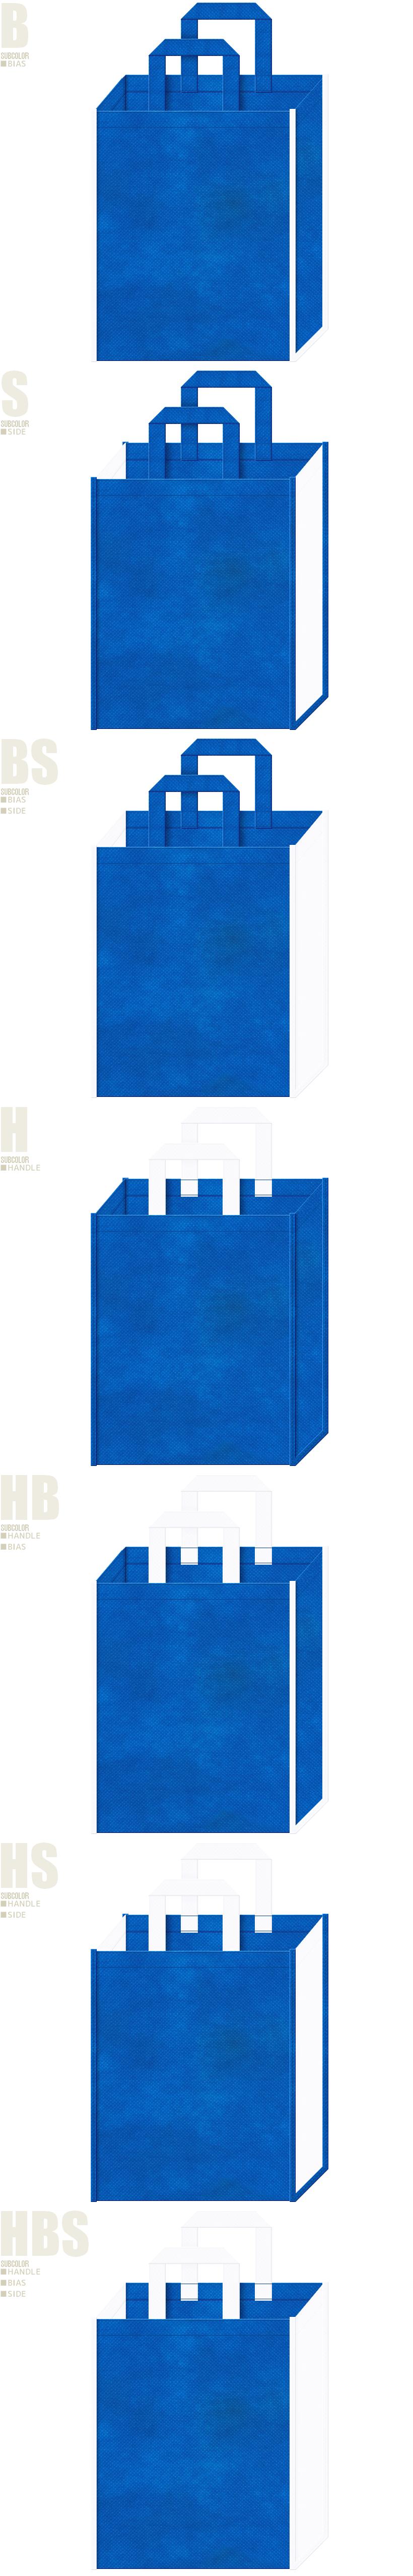 不織布トートバッグのデザイン例-不織布メインカラーNo.22+サブカラーNo.15の2色7パターン